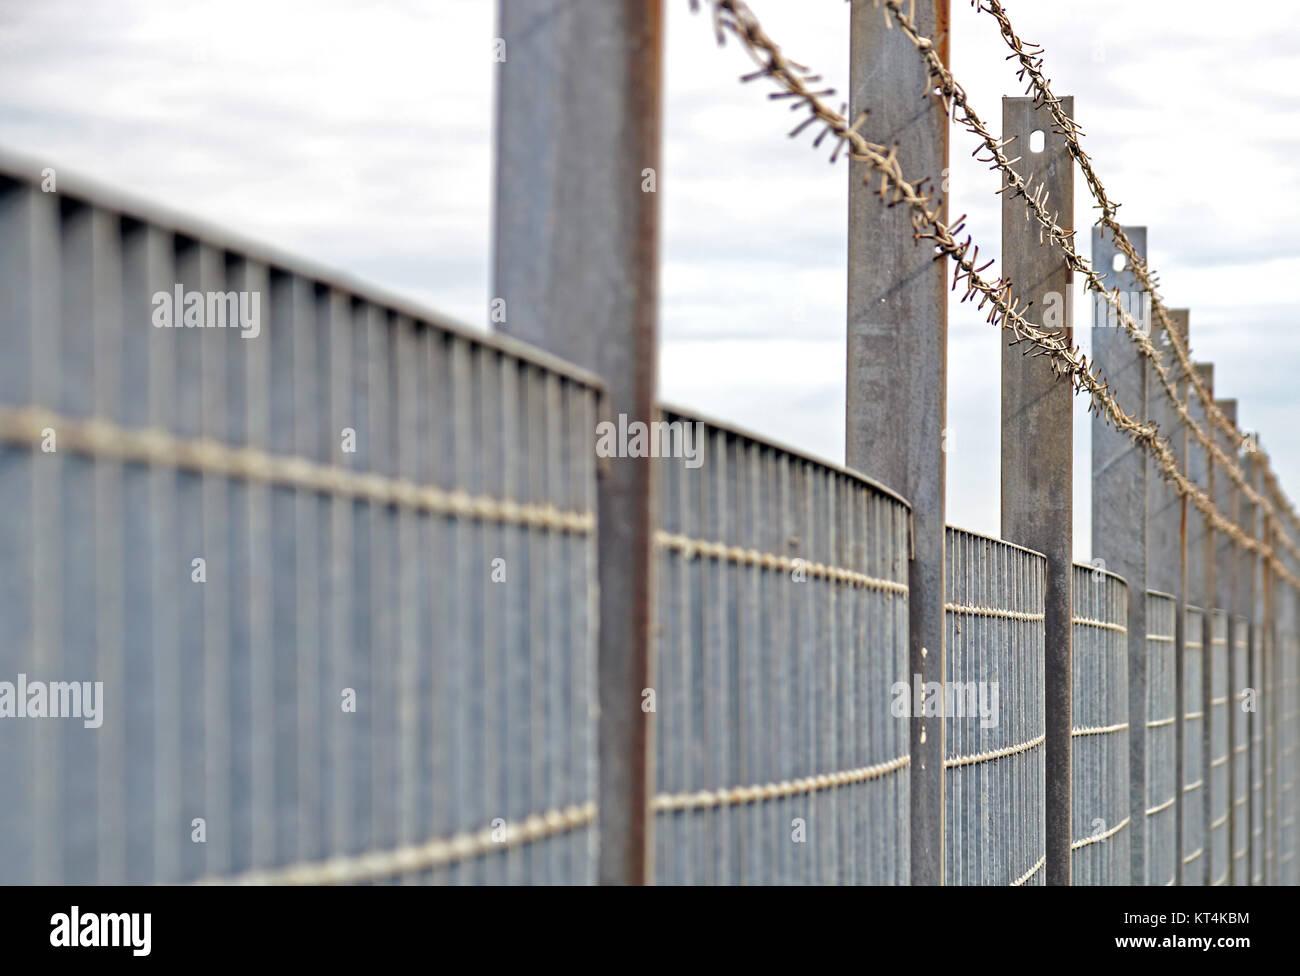 Stahl Anti Eintrag Zaun Mit Scharfen Spitzen Stockfoto Bild